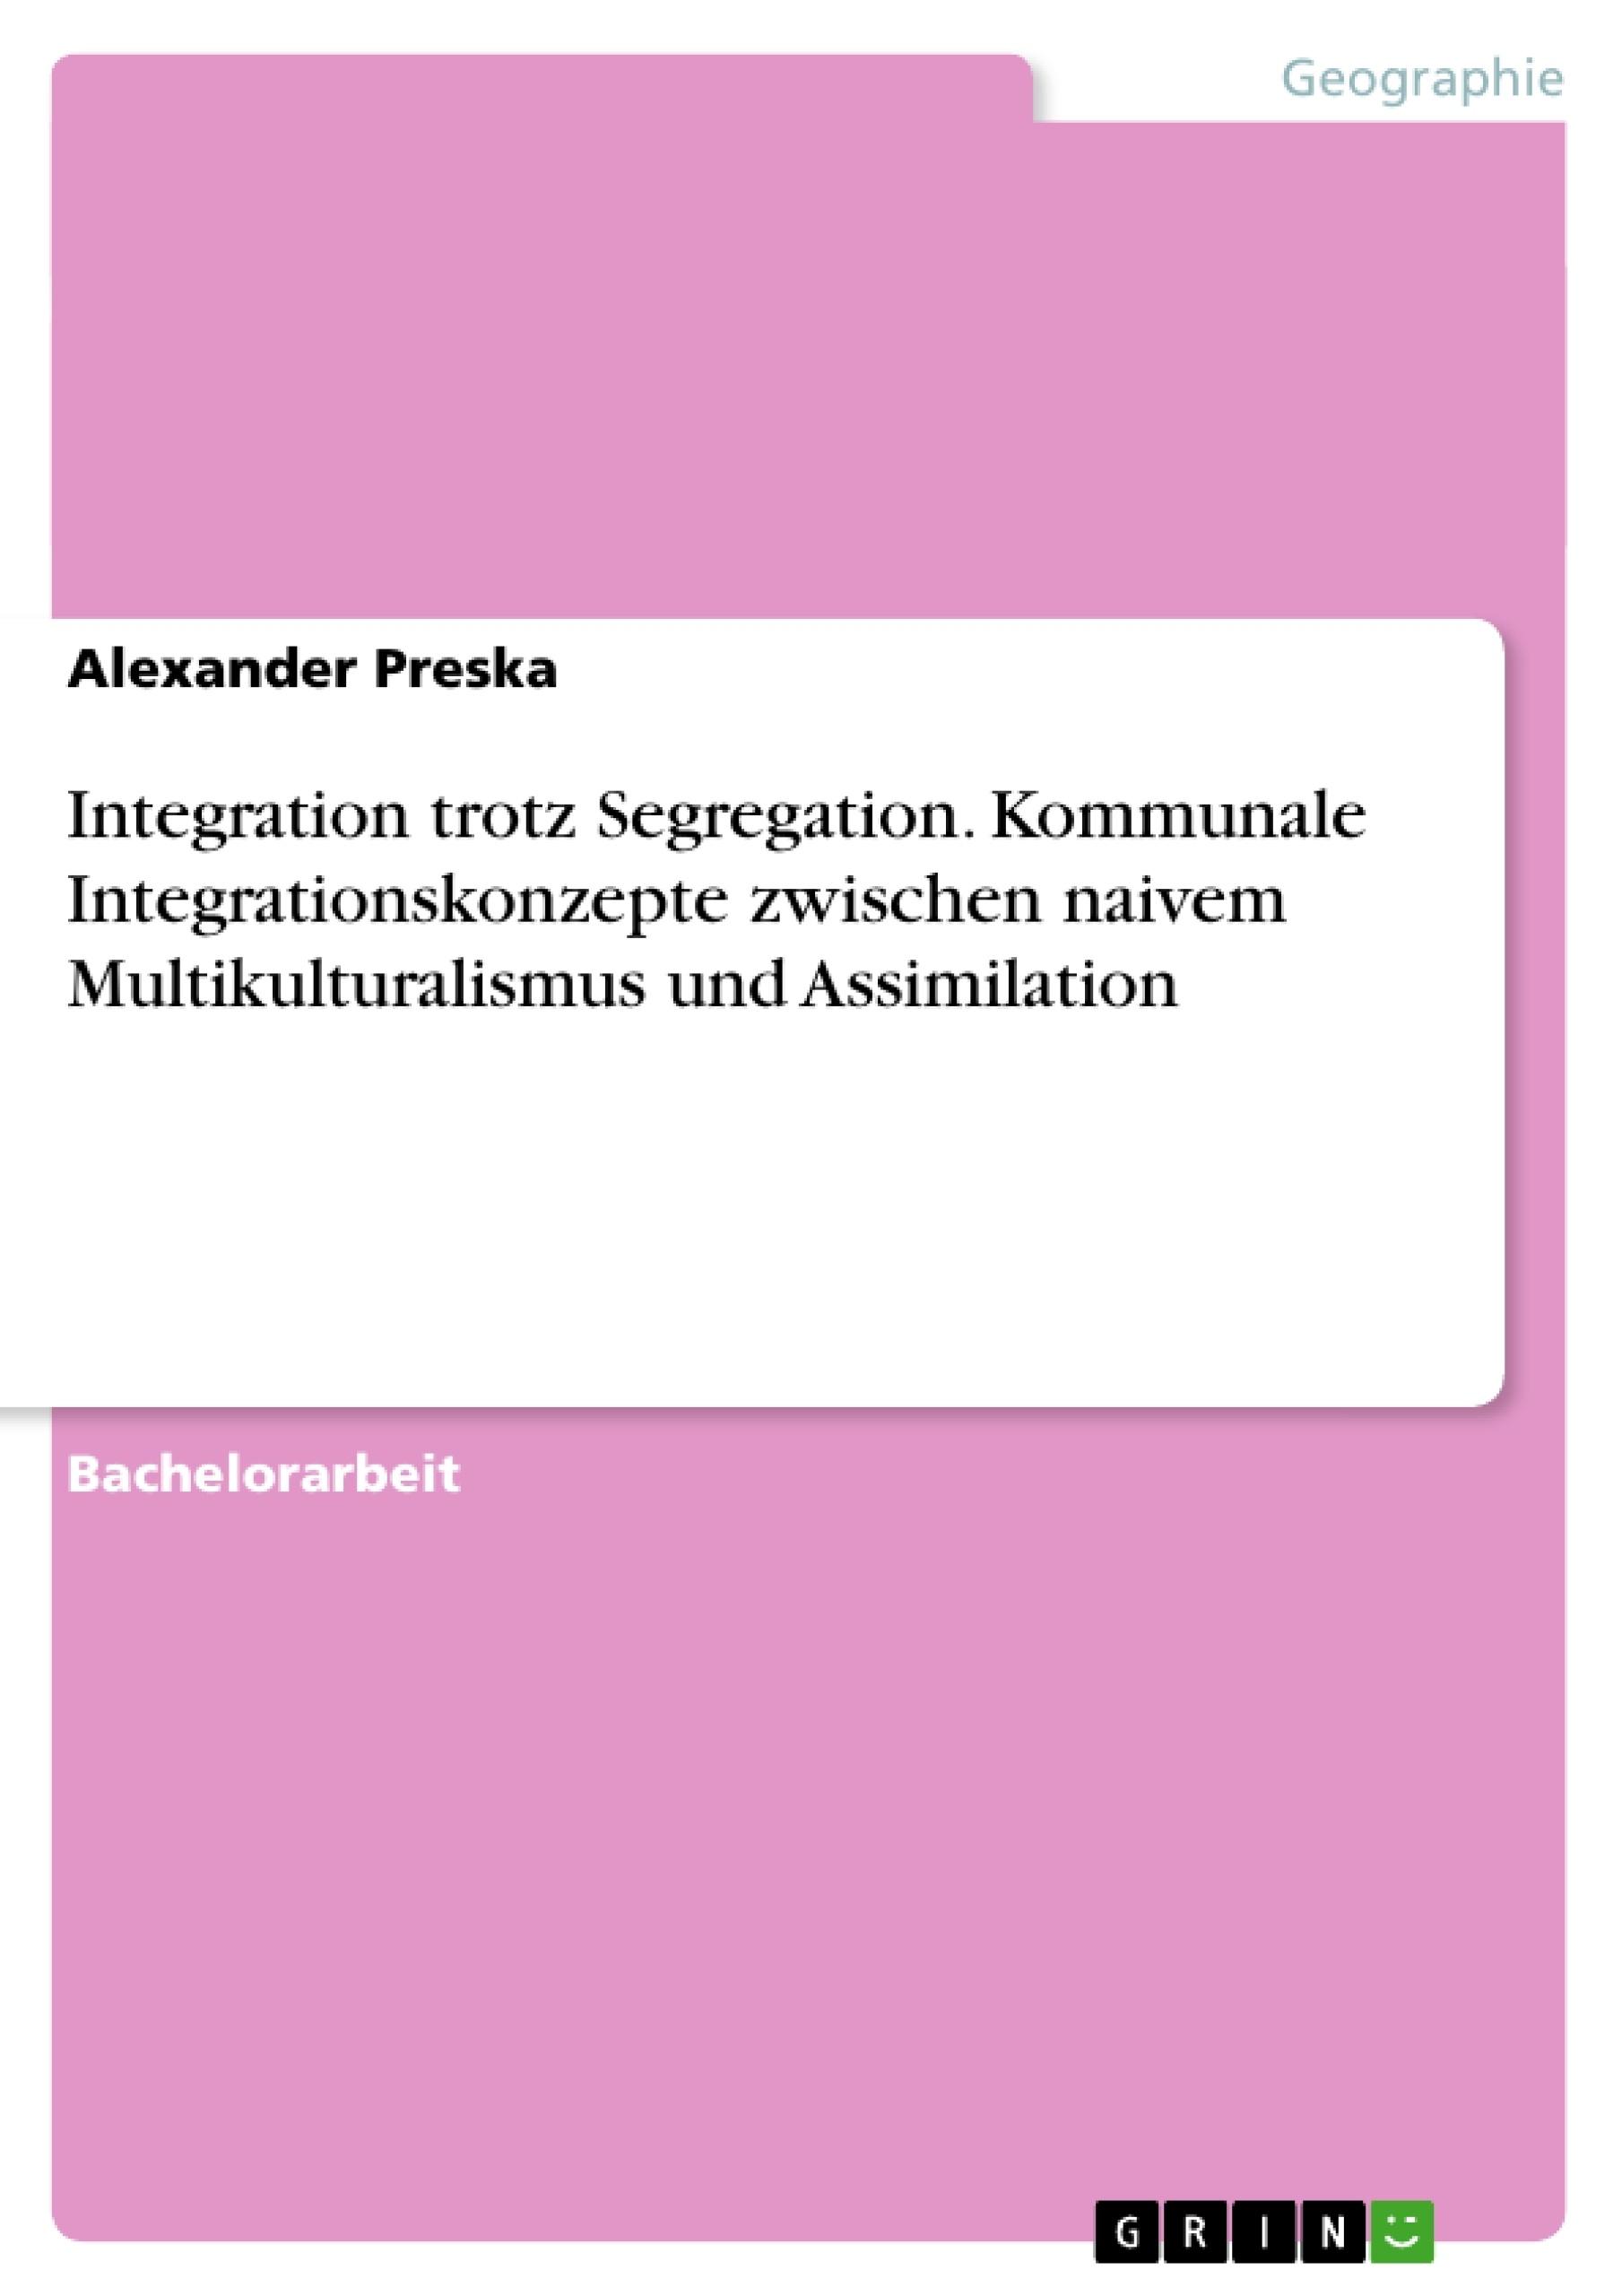 Titel: Integration trotz Segregation. Kommunale Integrationskonzepte zwischen naivem Multikulturalismus und Assimilation